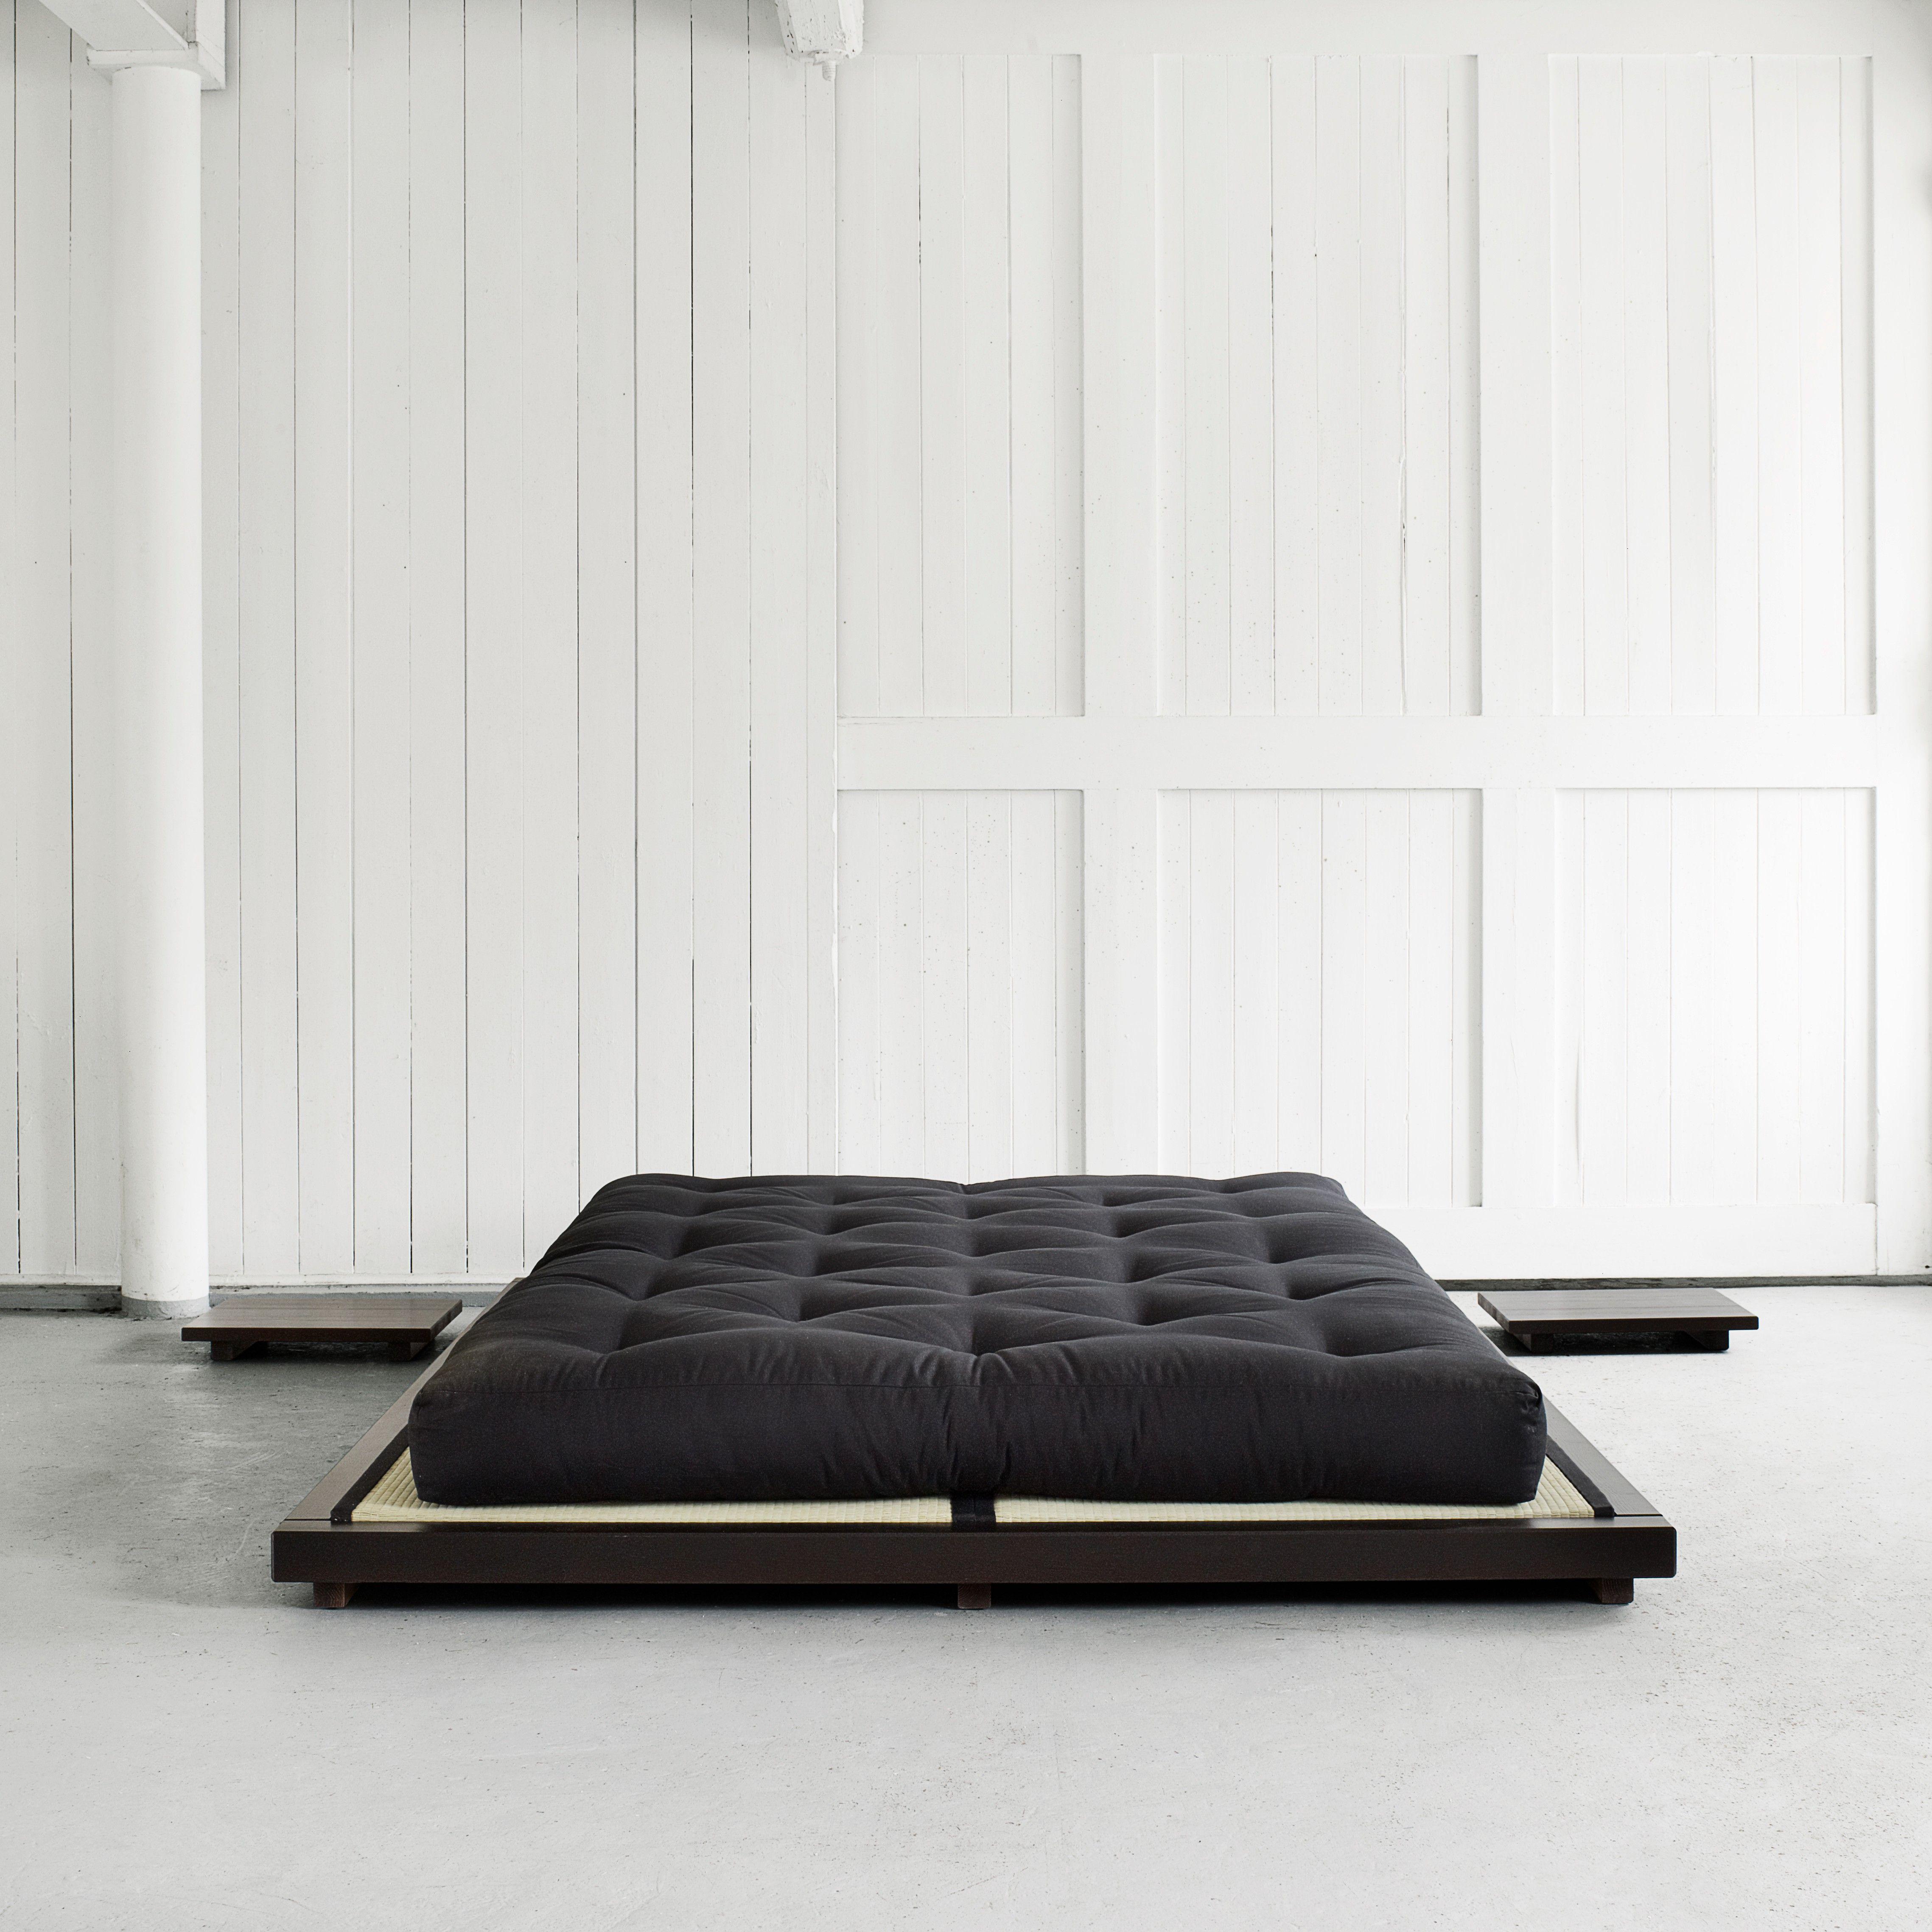 Letto dock karup matrimoniale 2 piazze maxi zona notte letti in legno materasso futon - Letto matrimoniale giapponese ...